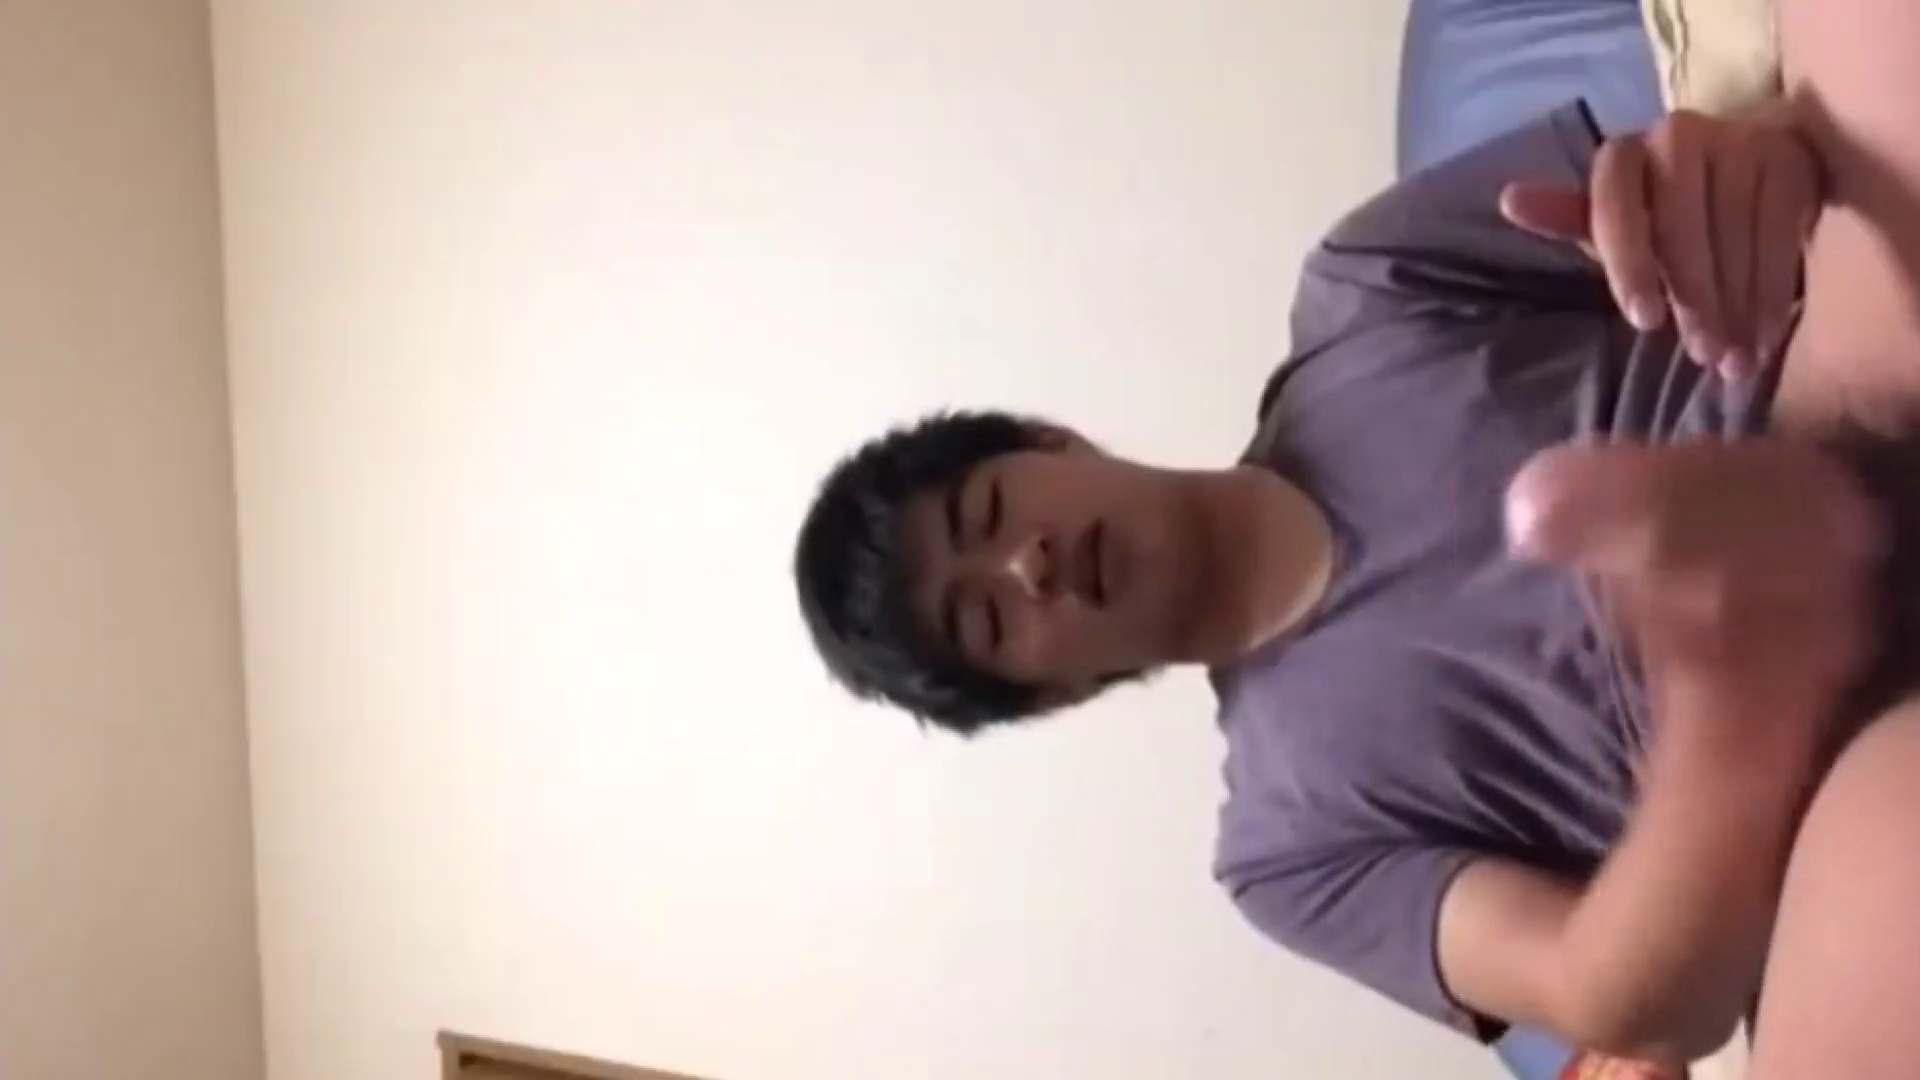 大人の男を夢見るBOYS Vol.61 無修正 ゲイアダルトビデオ画像 84pic 53